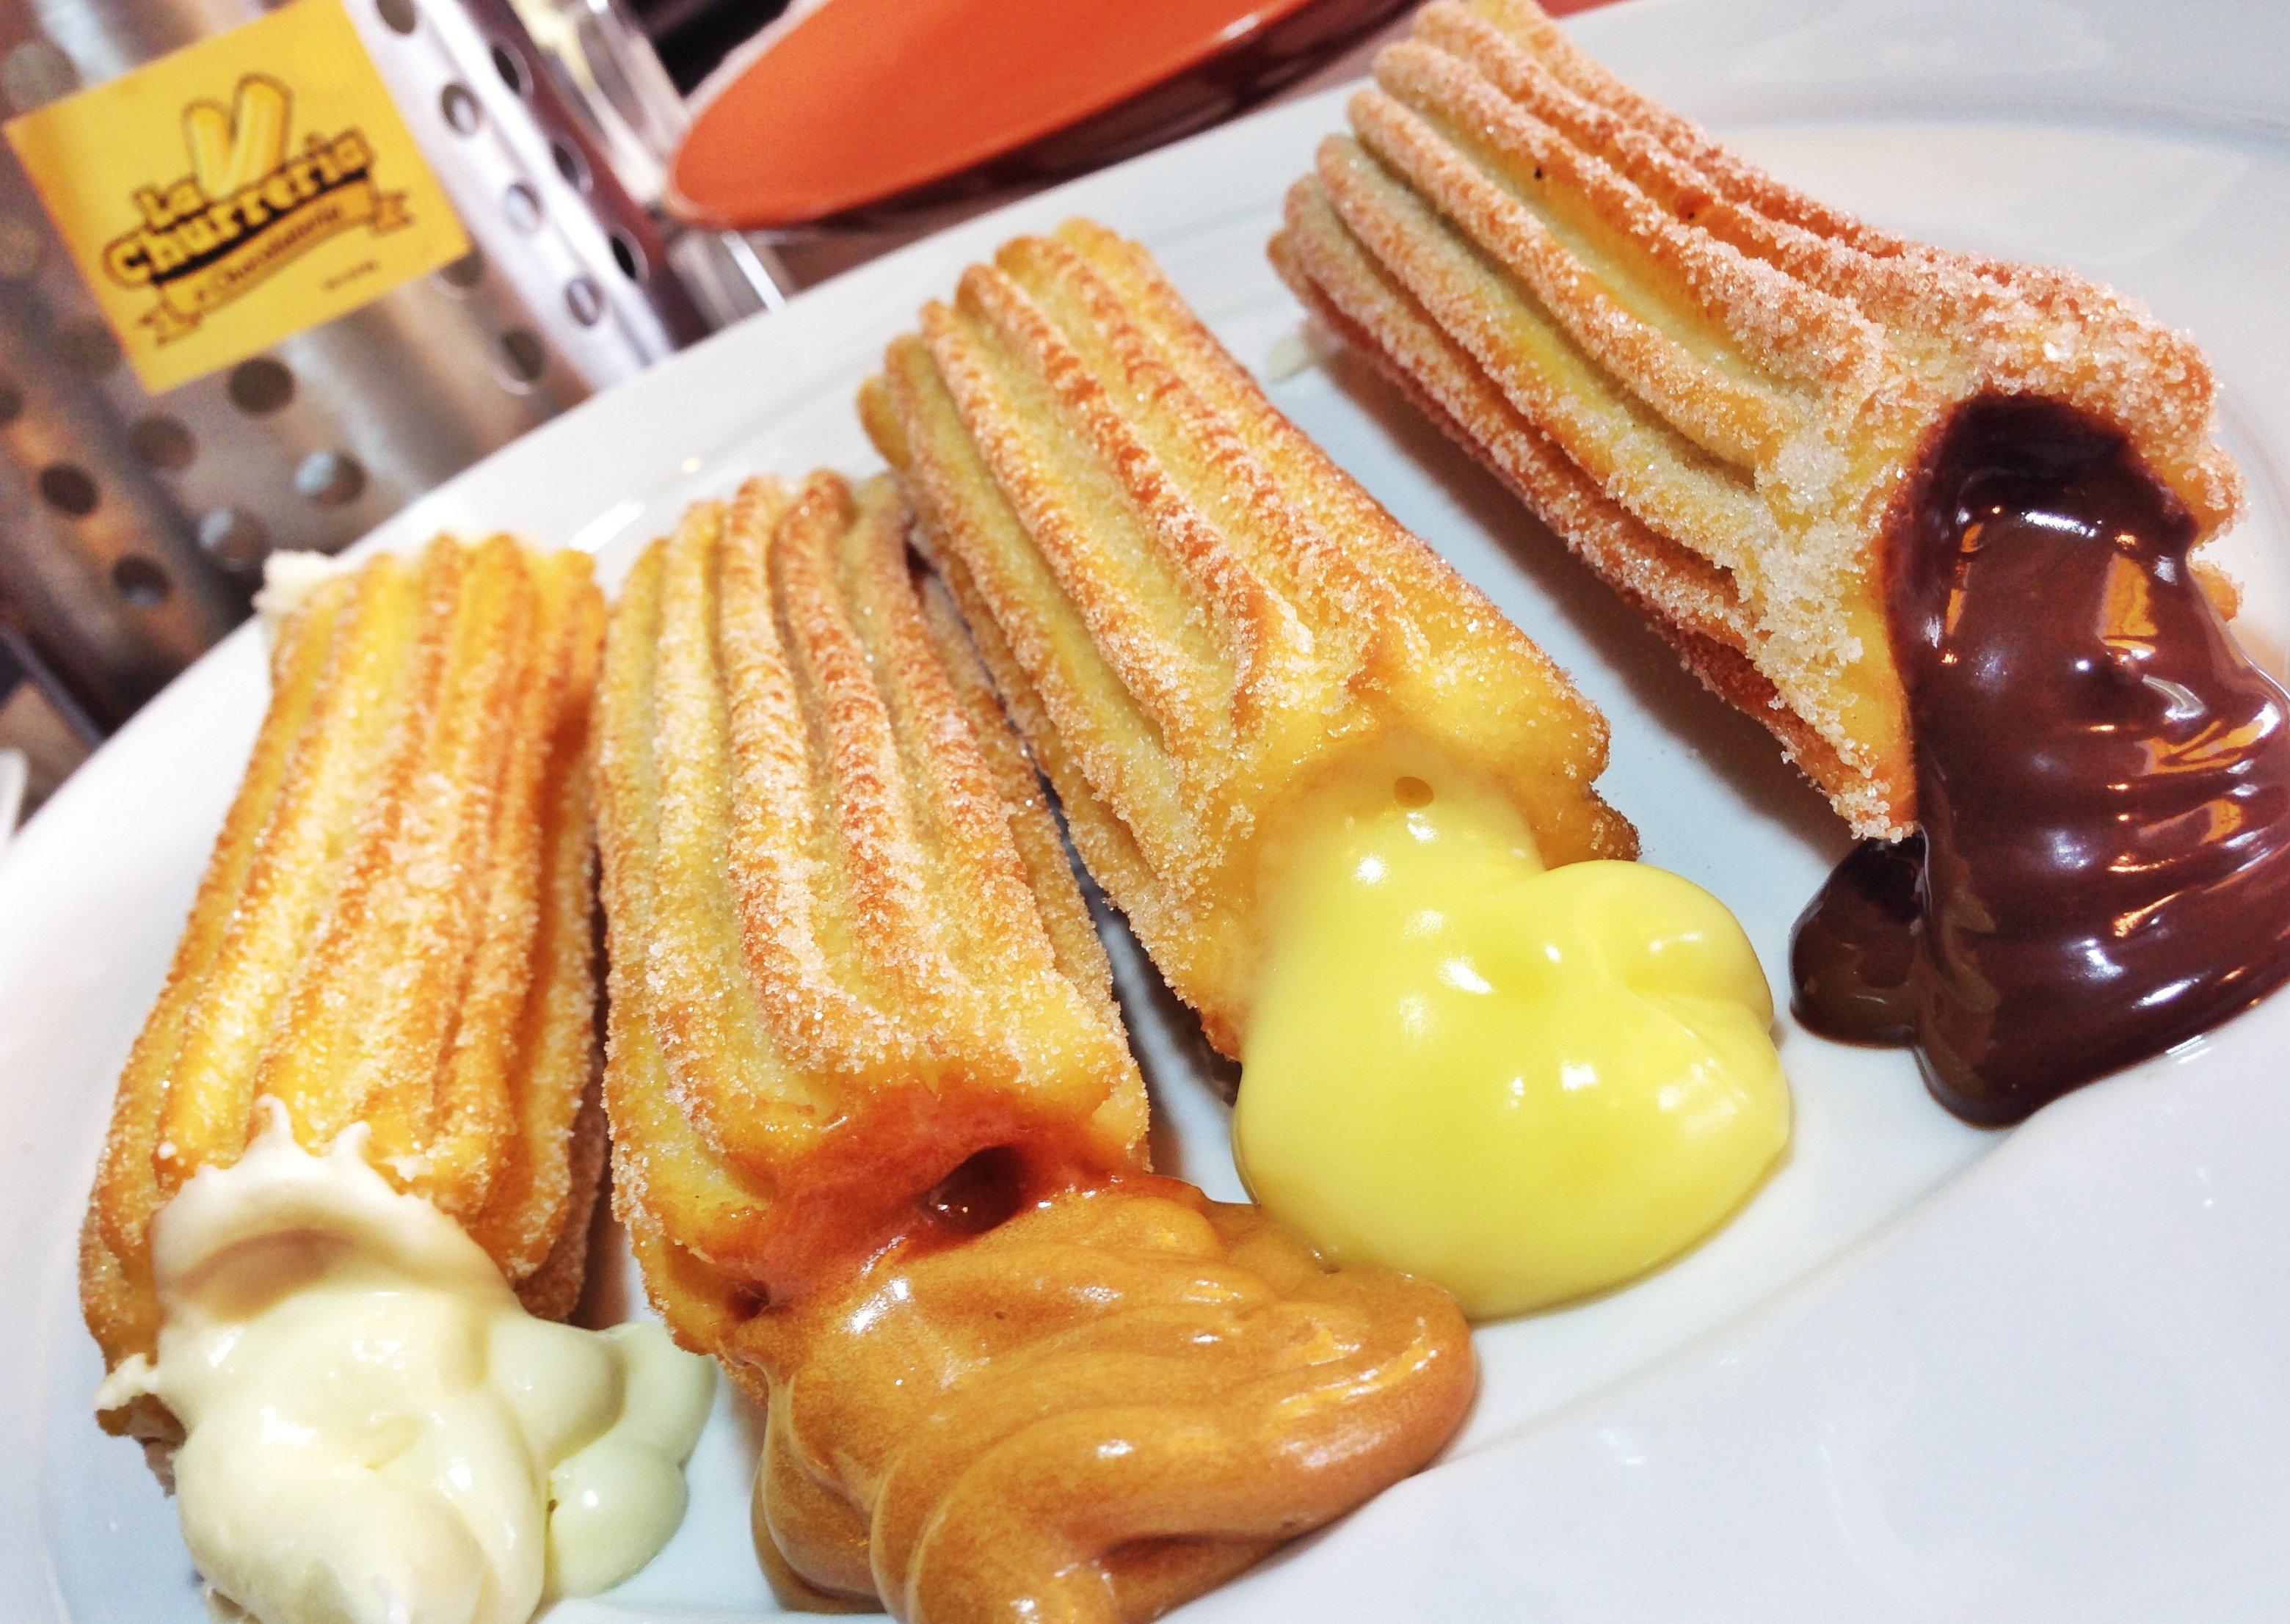 Churros rellenos de la Churrería: chocolate blanco, dulce de leche, crema pastelera y chocolate.